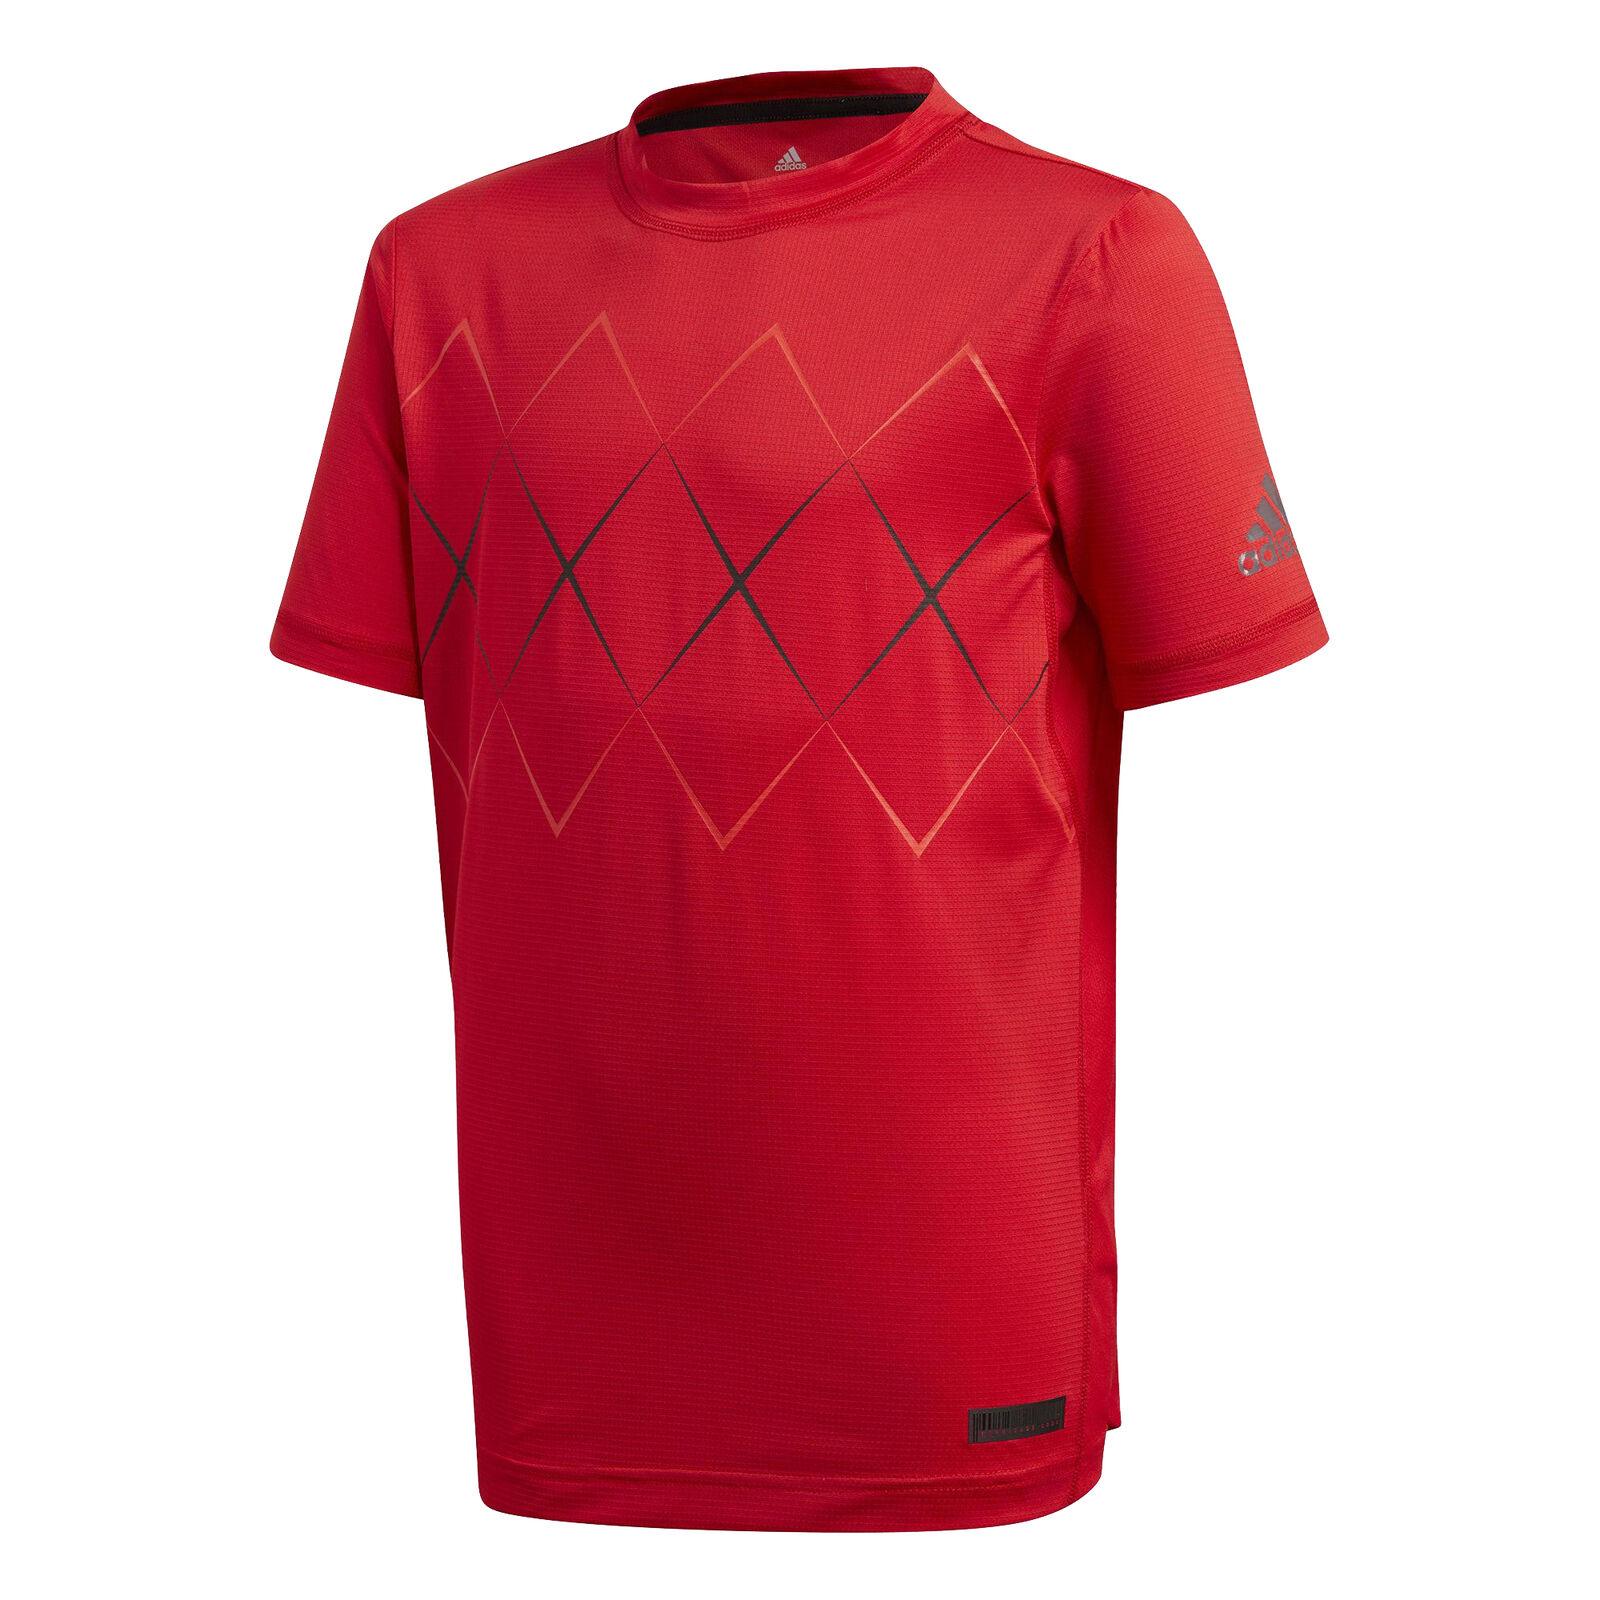 Adidas Boys Barricade Climalite Breathable Short Sleeve Tennis T-Shirt